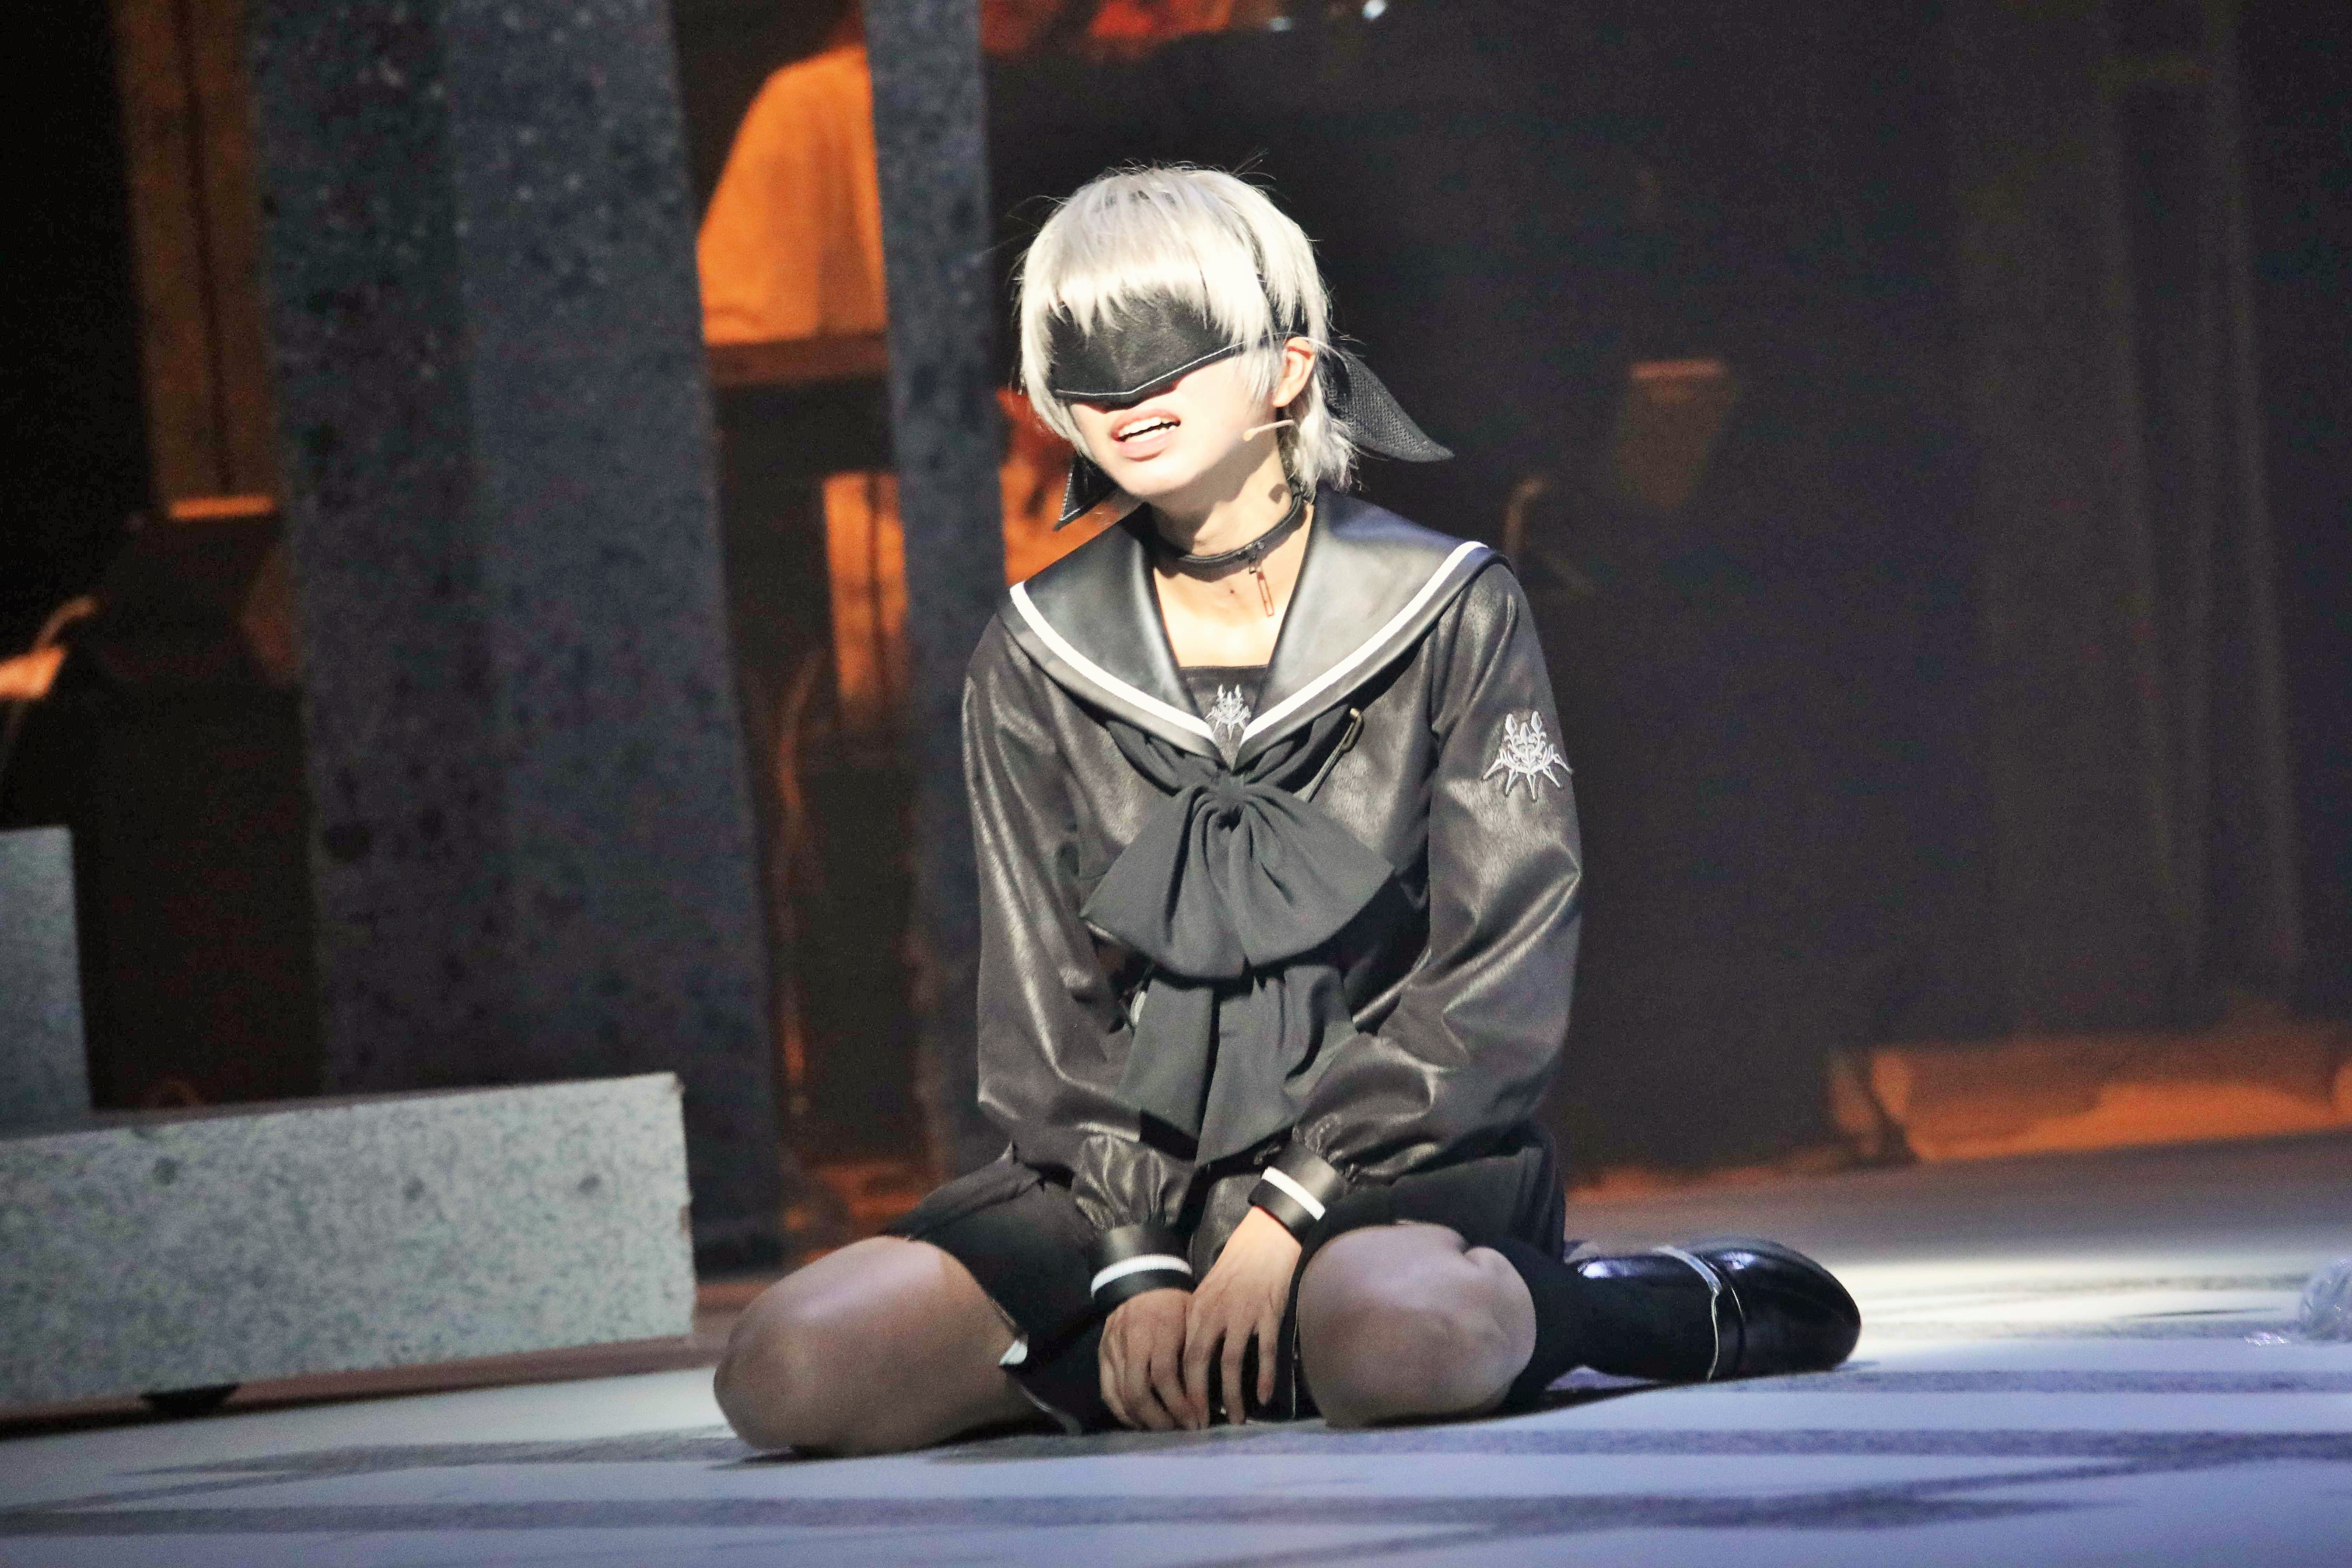 『舞台 少⼥ヨルハVer1.1a』九号を演じる大西桃香